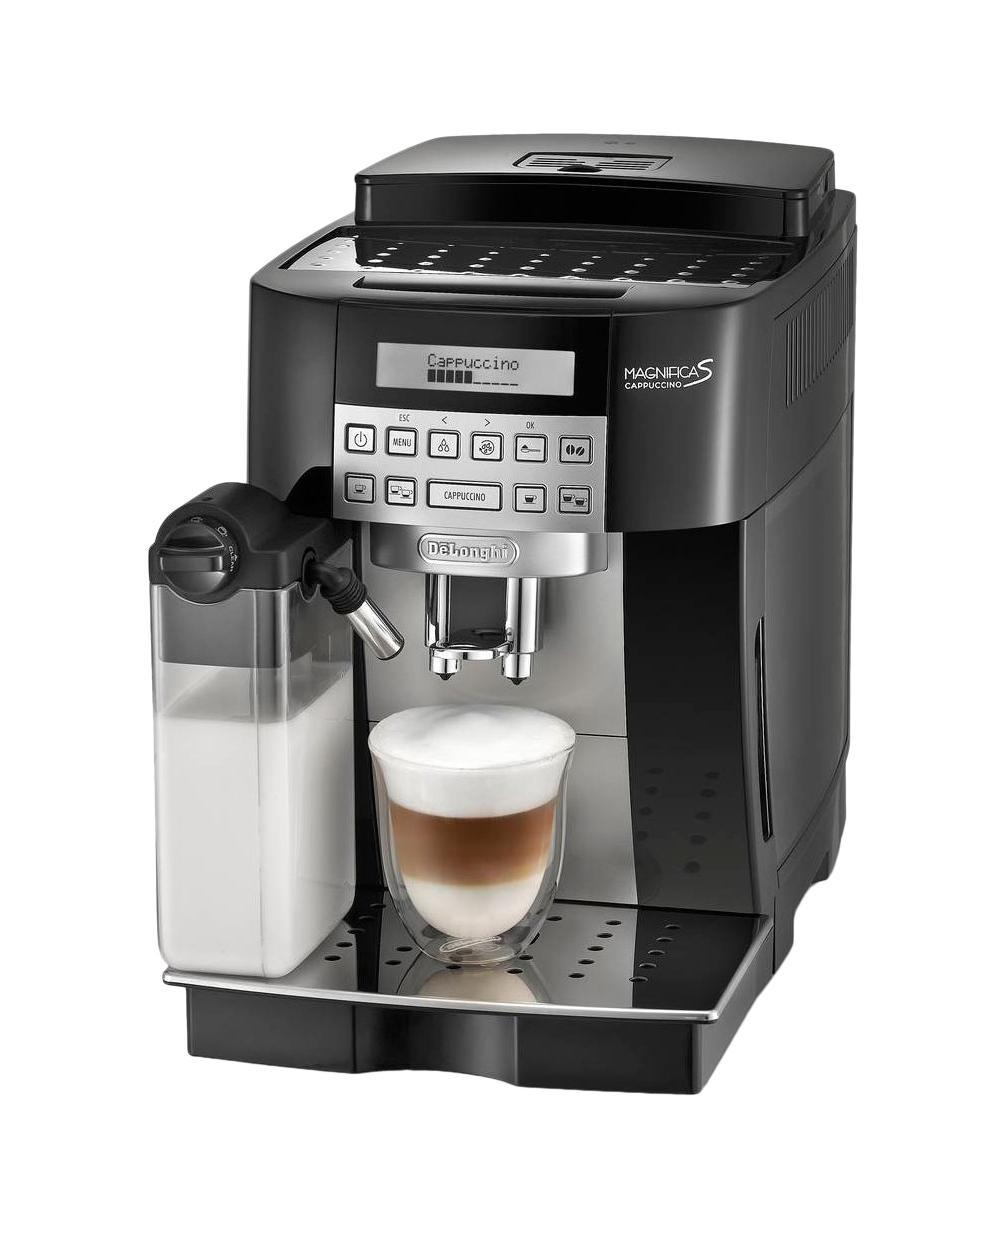 DeLonghi Magnifica ECAM22.360.B кофемашинаECAM 22.360 B